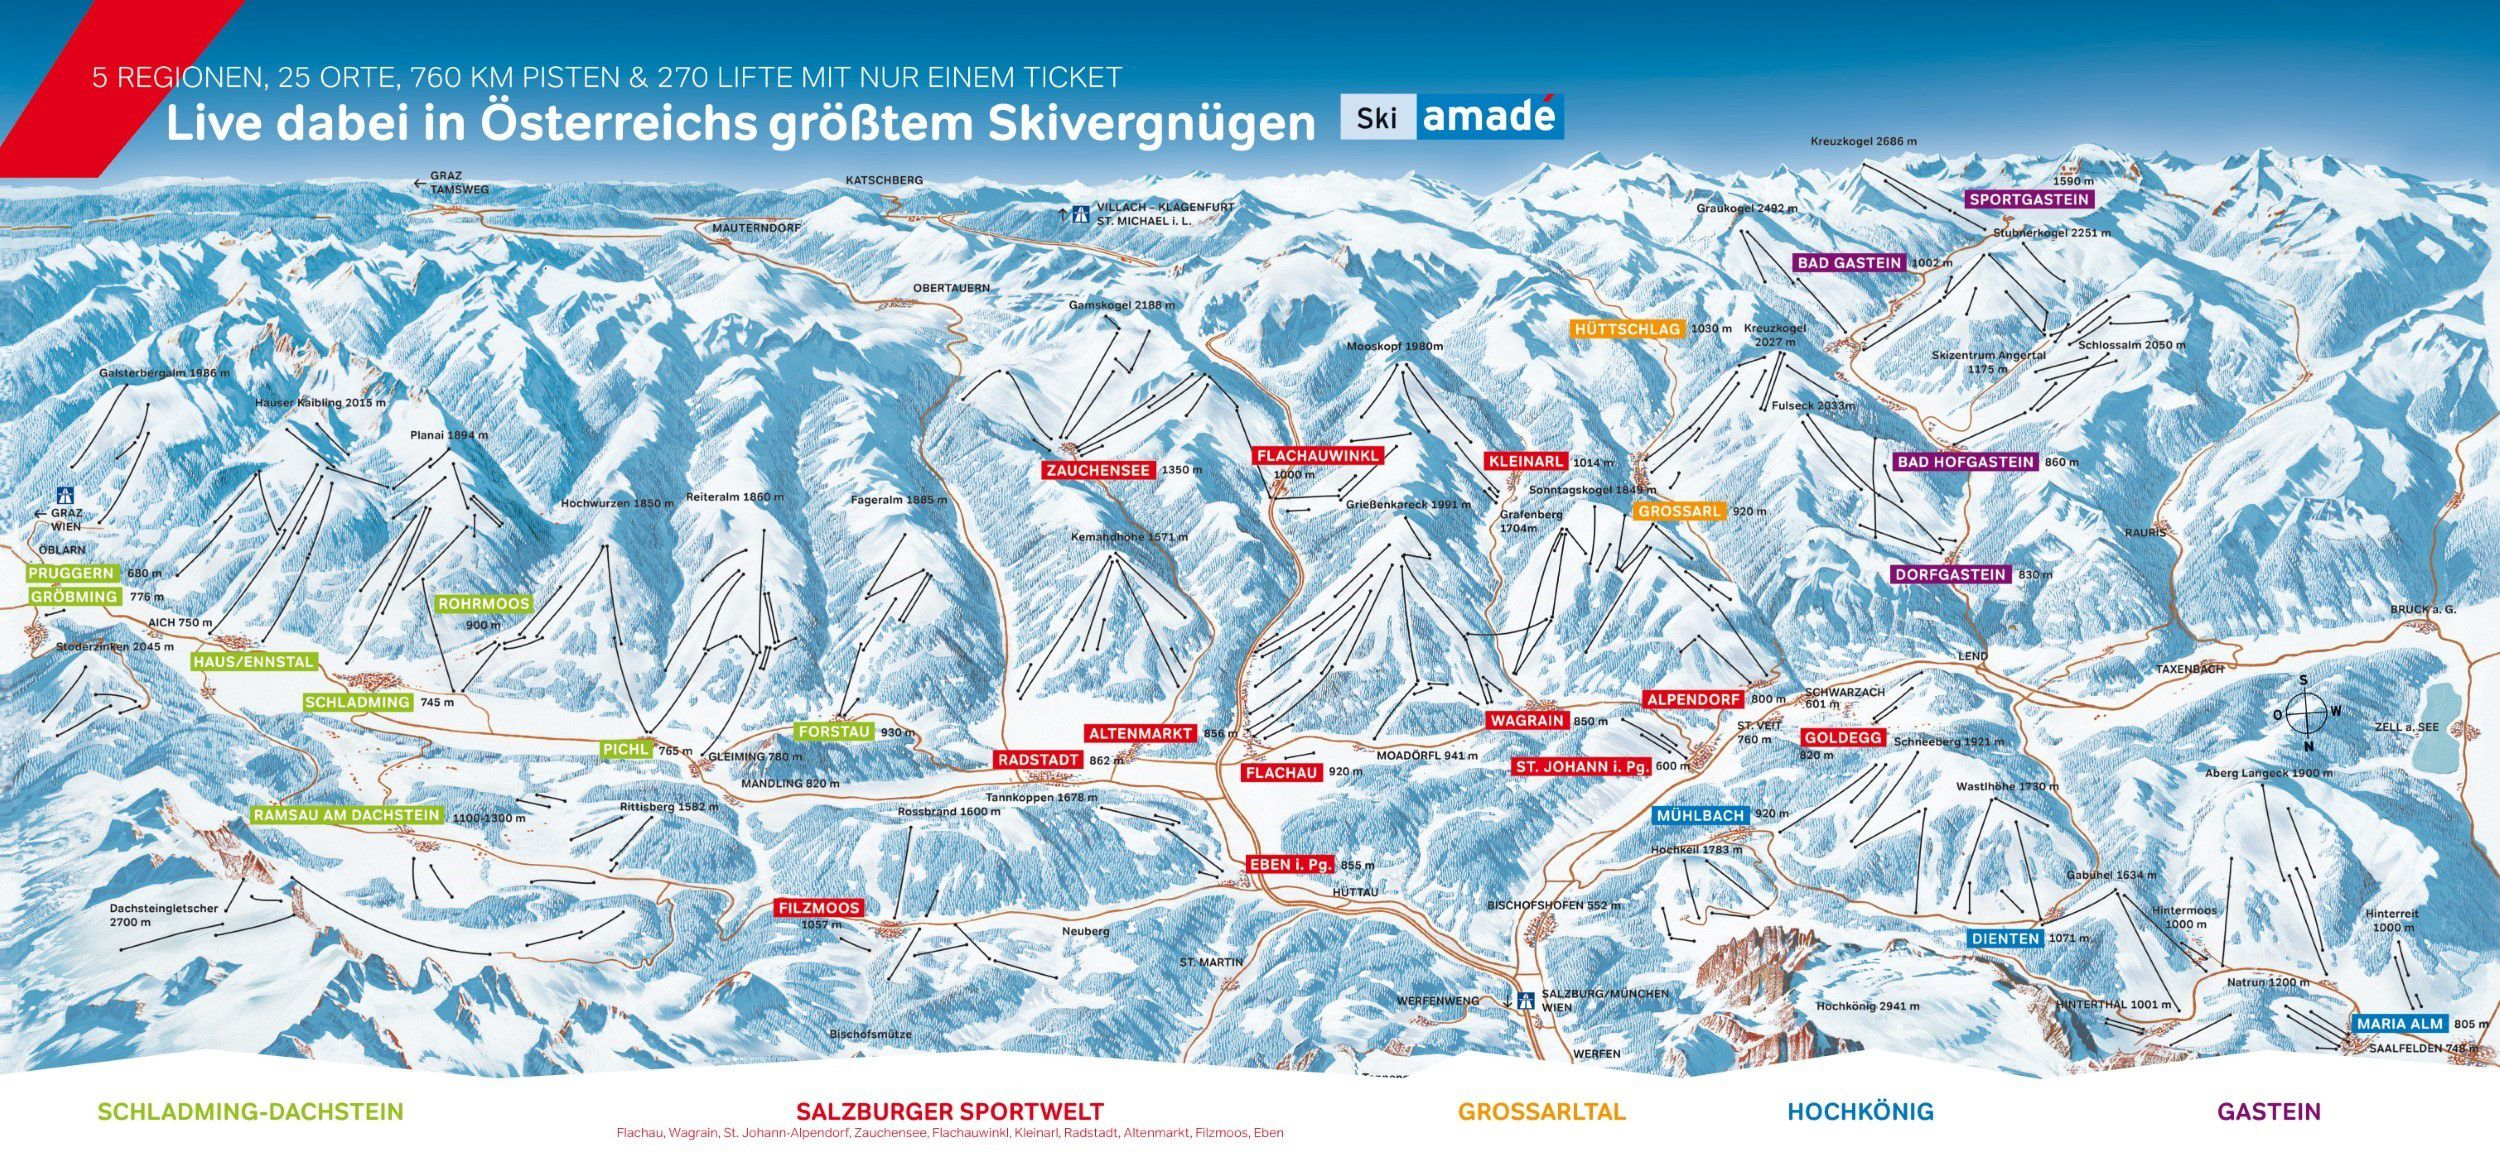 Overzicht van de 5 regio's van de ski Amadé